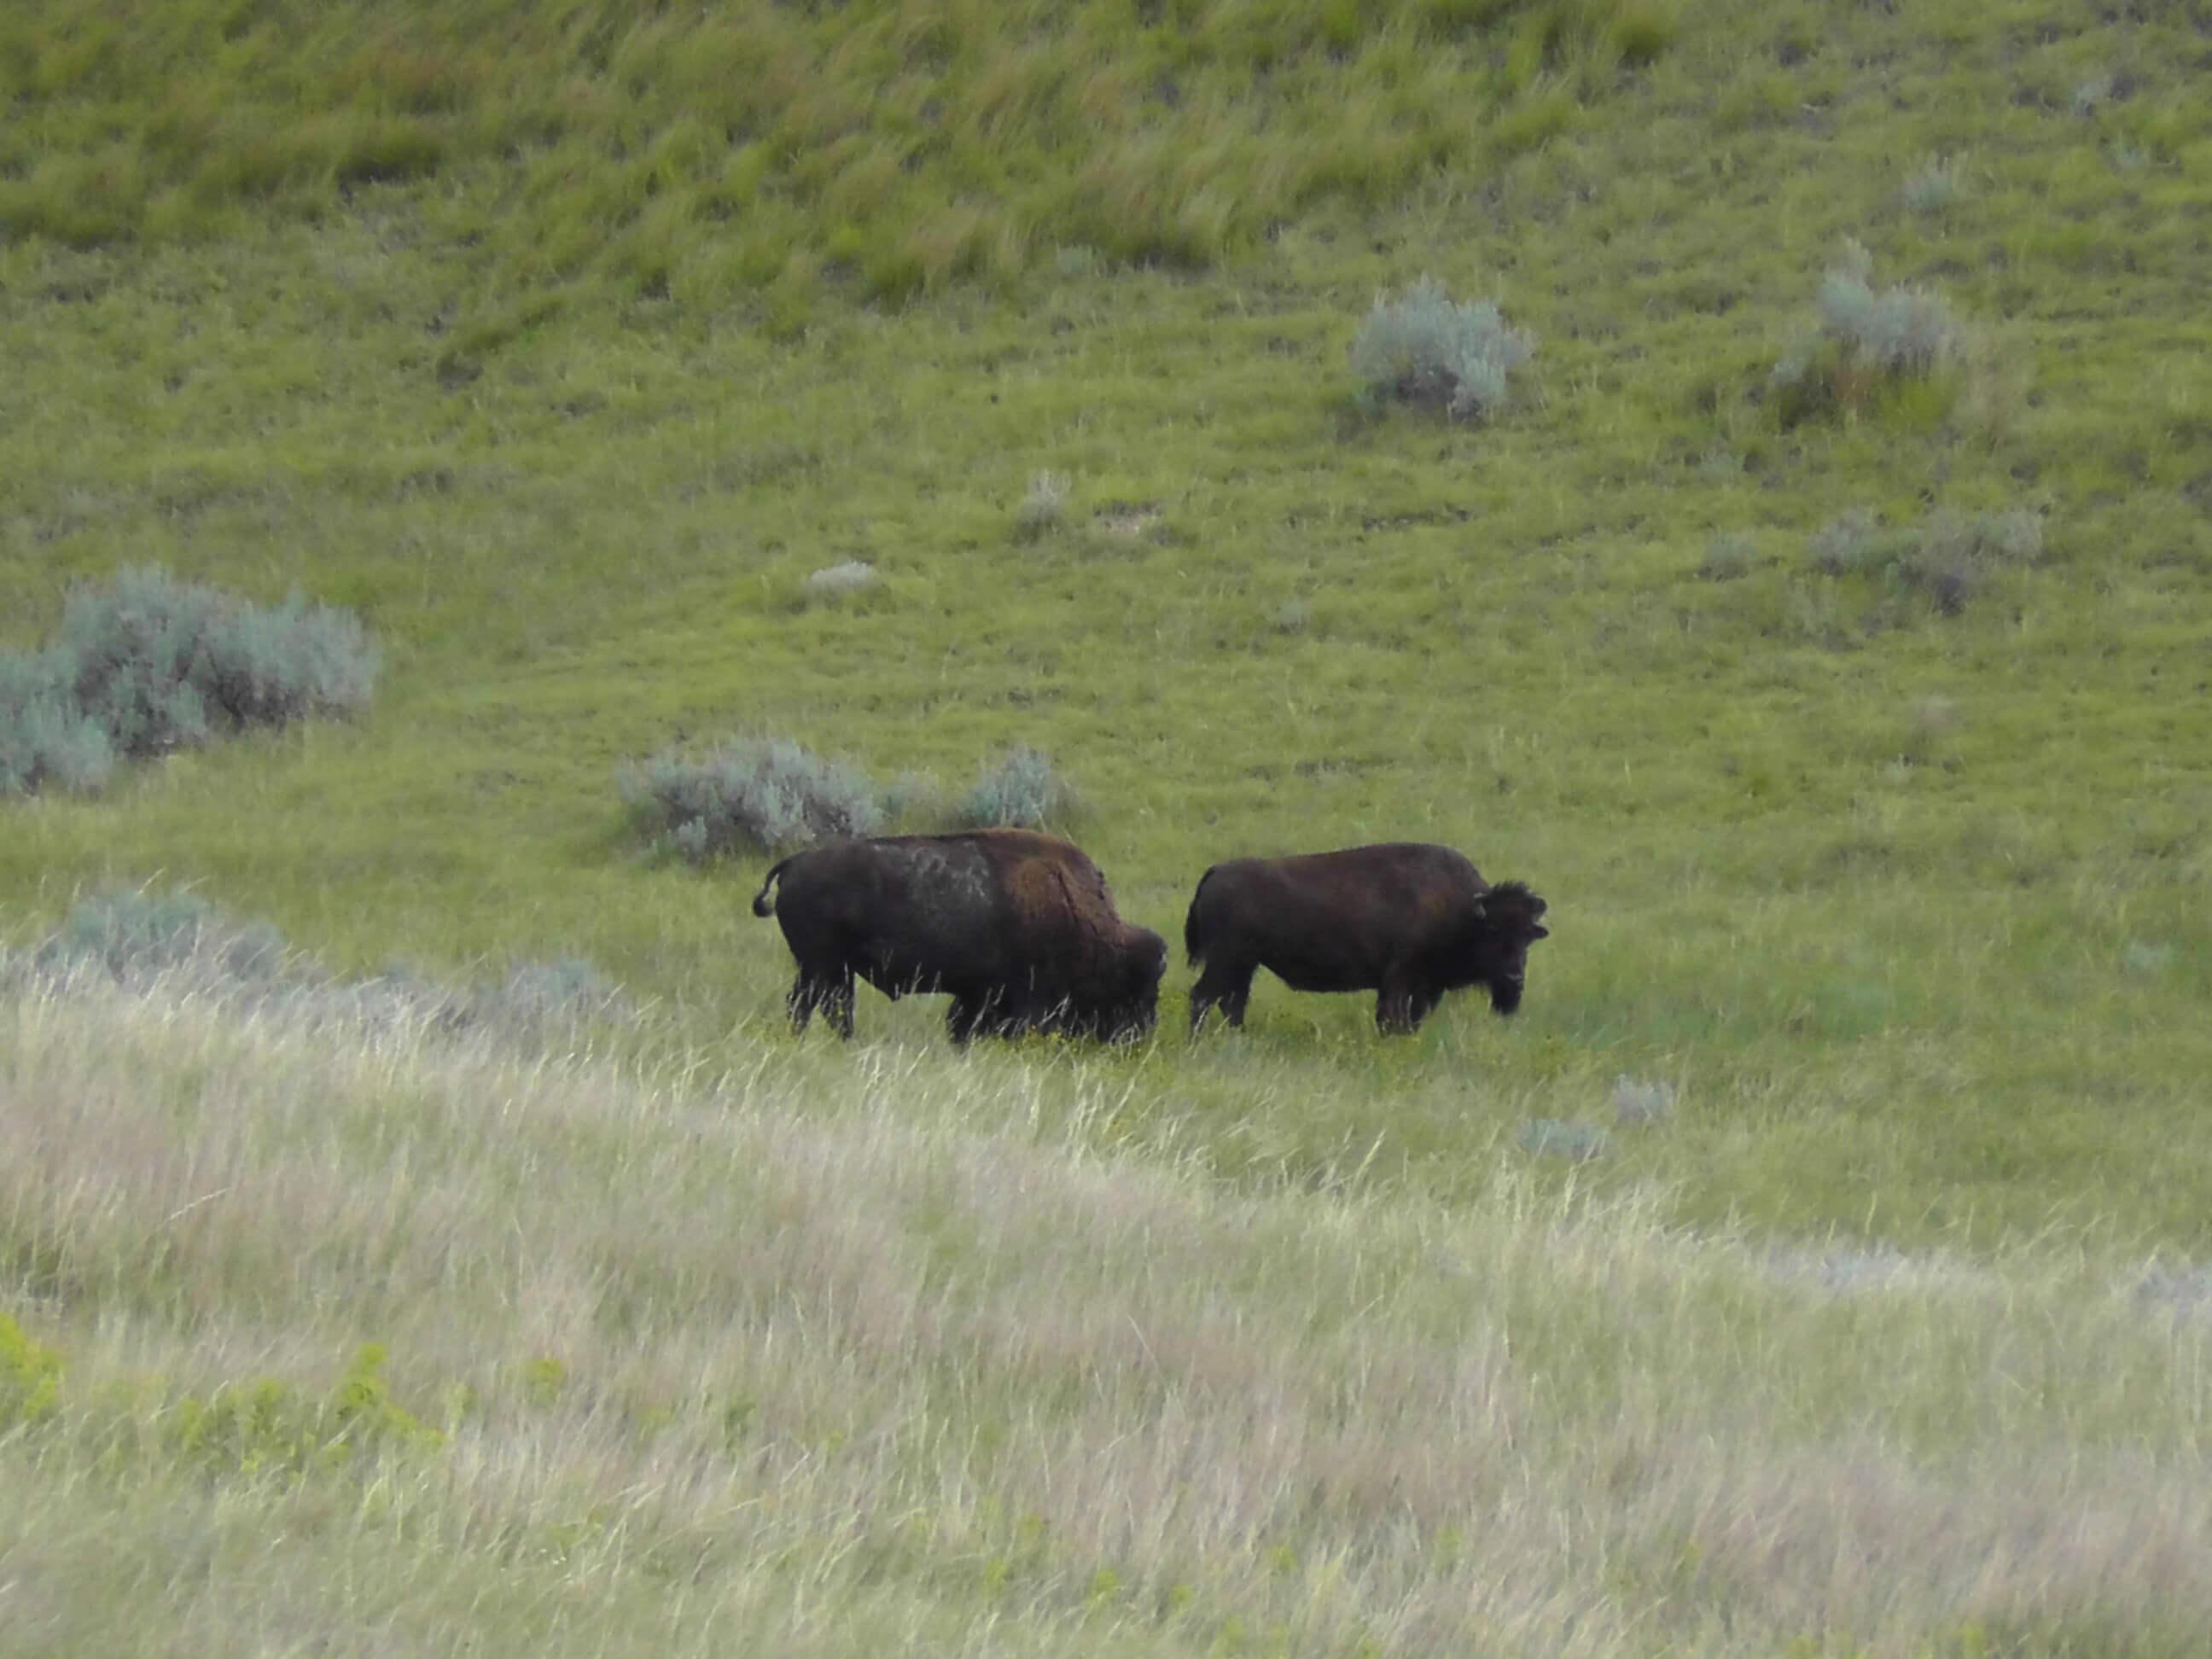 Bison, Theodore Roosevelt National Park, Medora, North Dakota